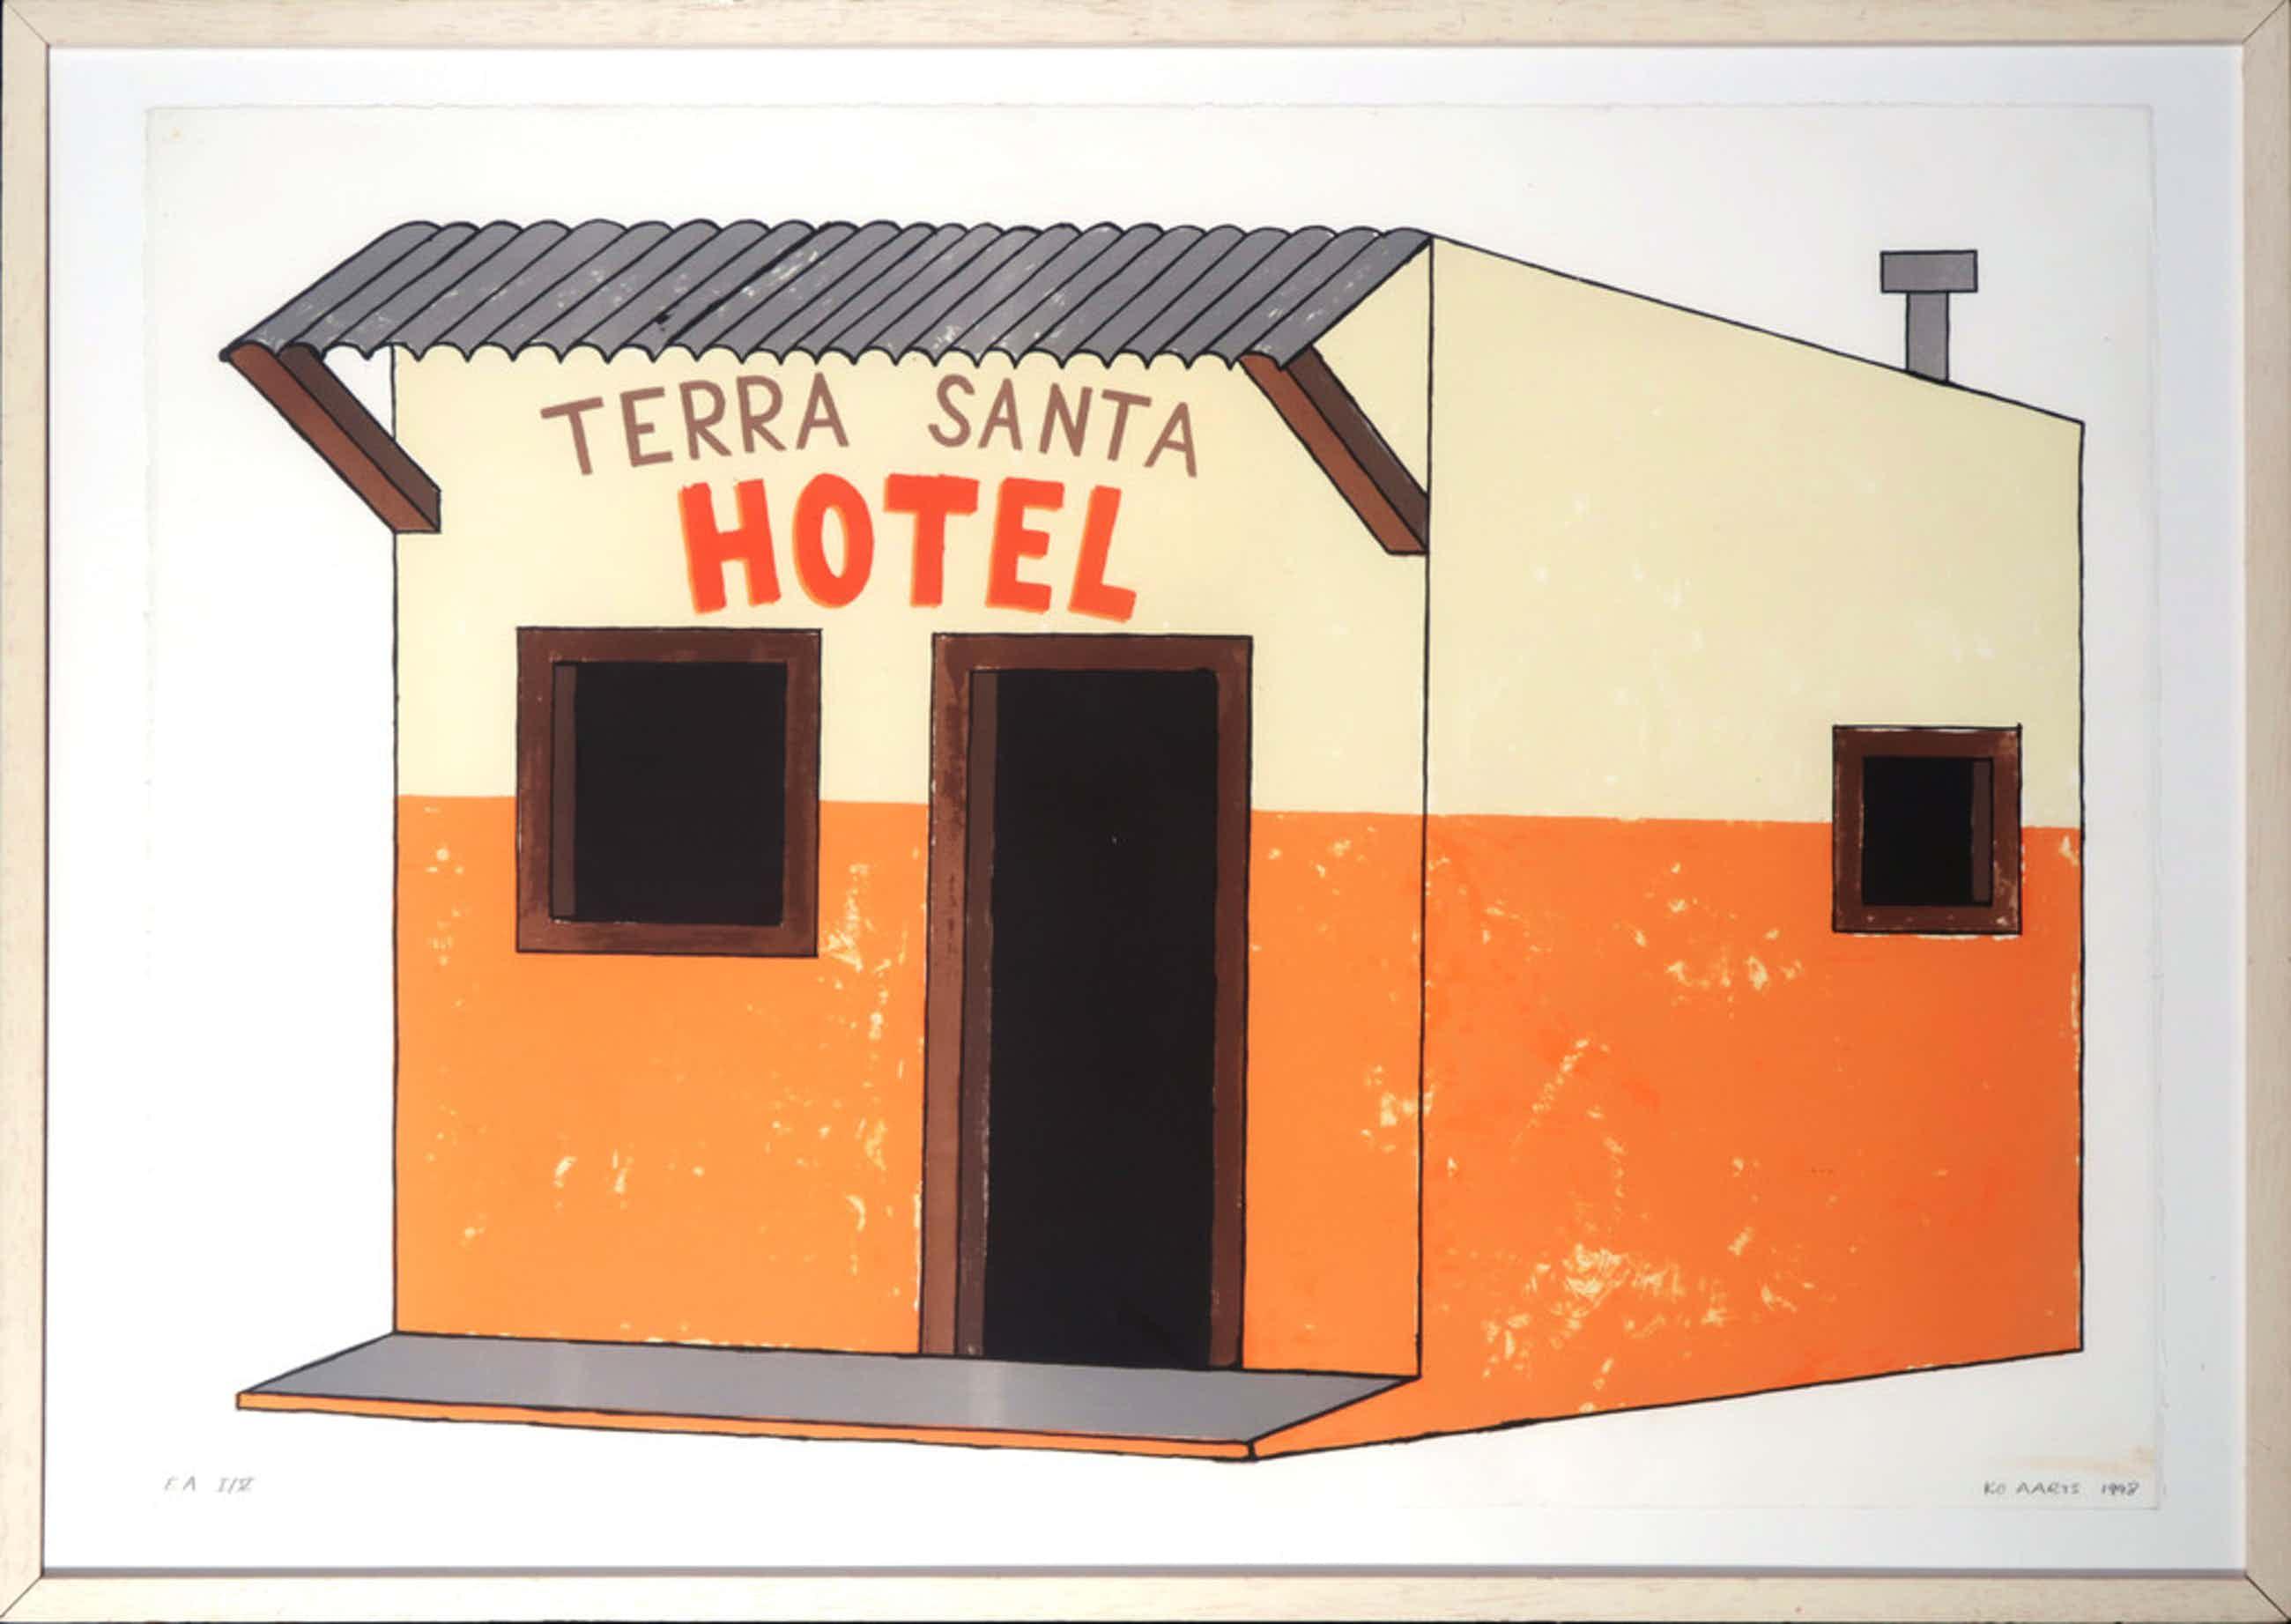 Ko Aarts: Zeefdruk, Terra Santa hotel - Ingelijst kopen? Bied vanaf 45!